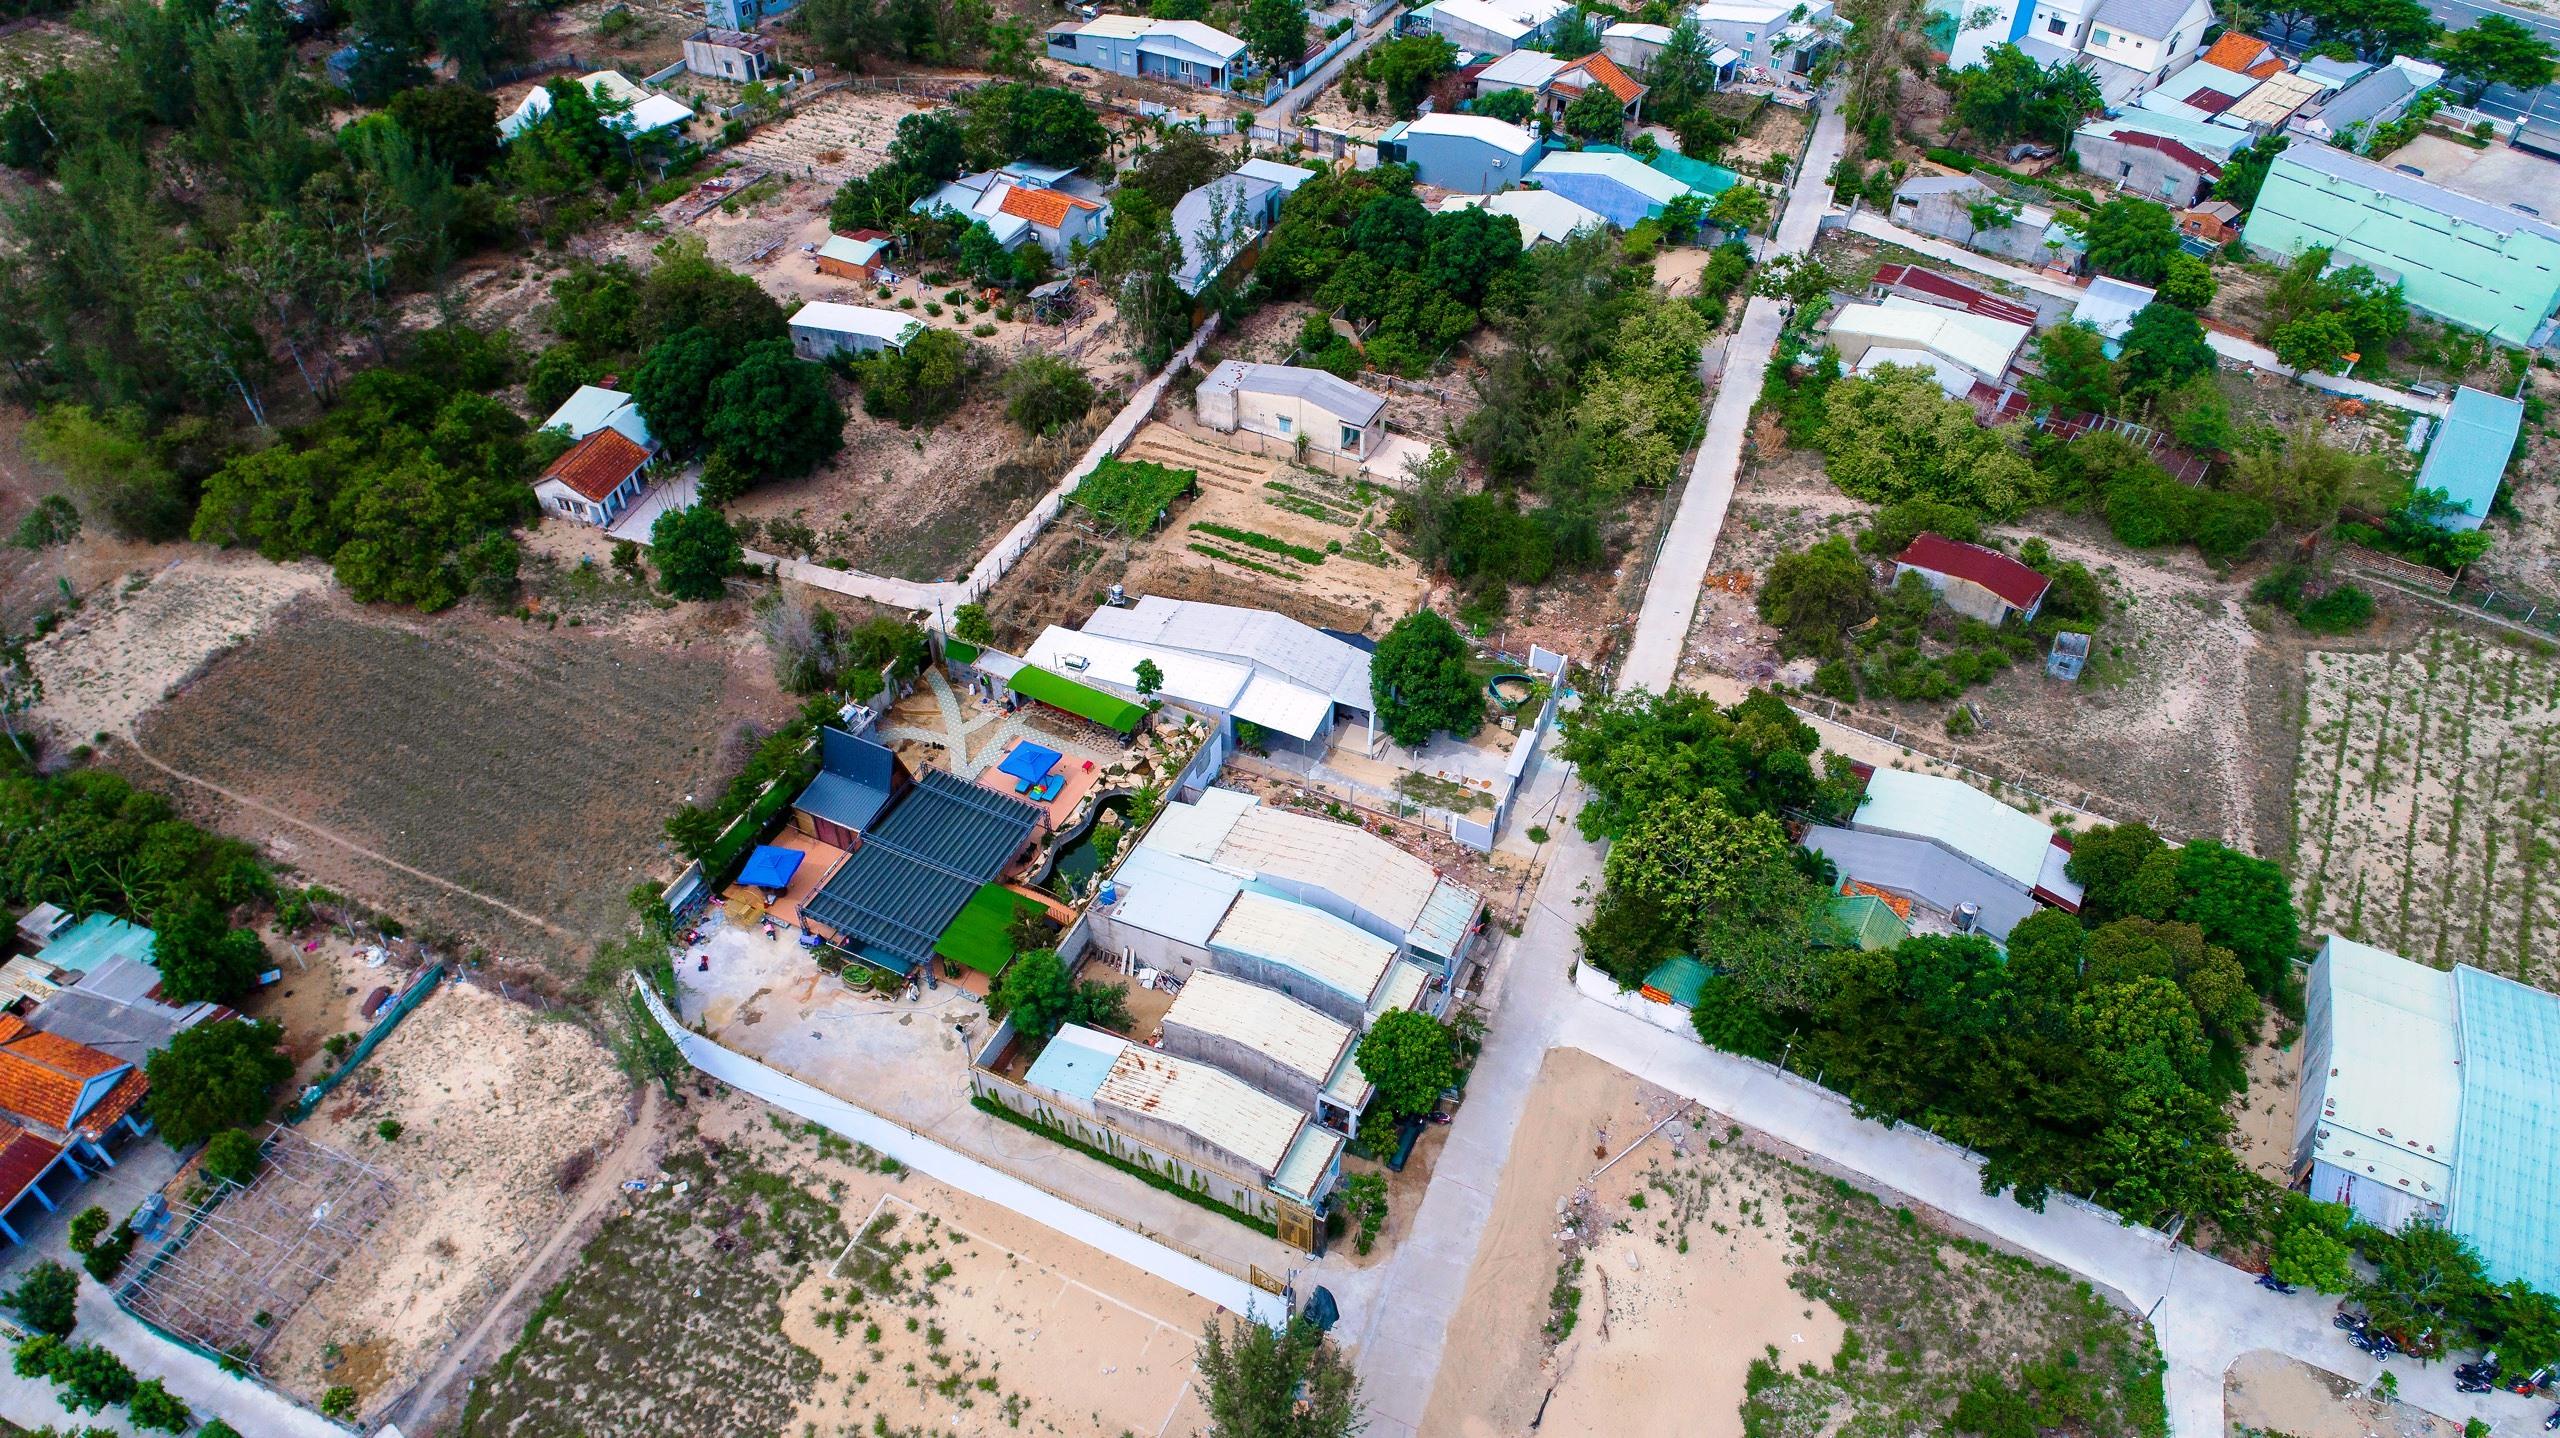 Quy hoạch treo xuyên 2 thế kỷ nên việc quản lý hiện trạng tại dự án Làng đại học Đà Nẵng gặp nhiều khó khăn, nhất là tình trạng xây dựng trái phép trong khu quy hoạch